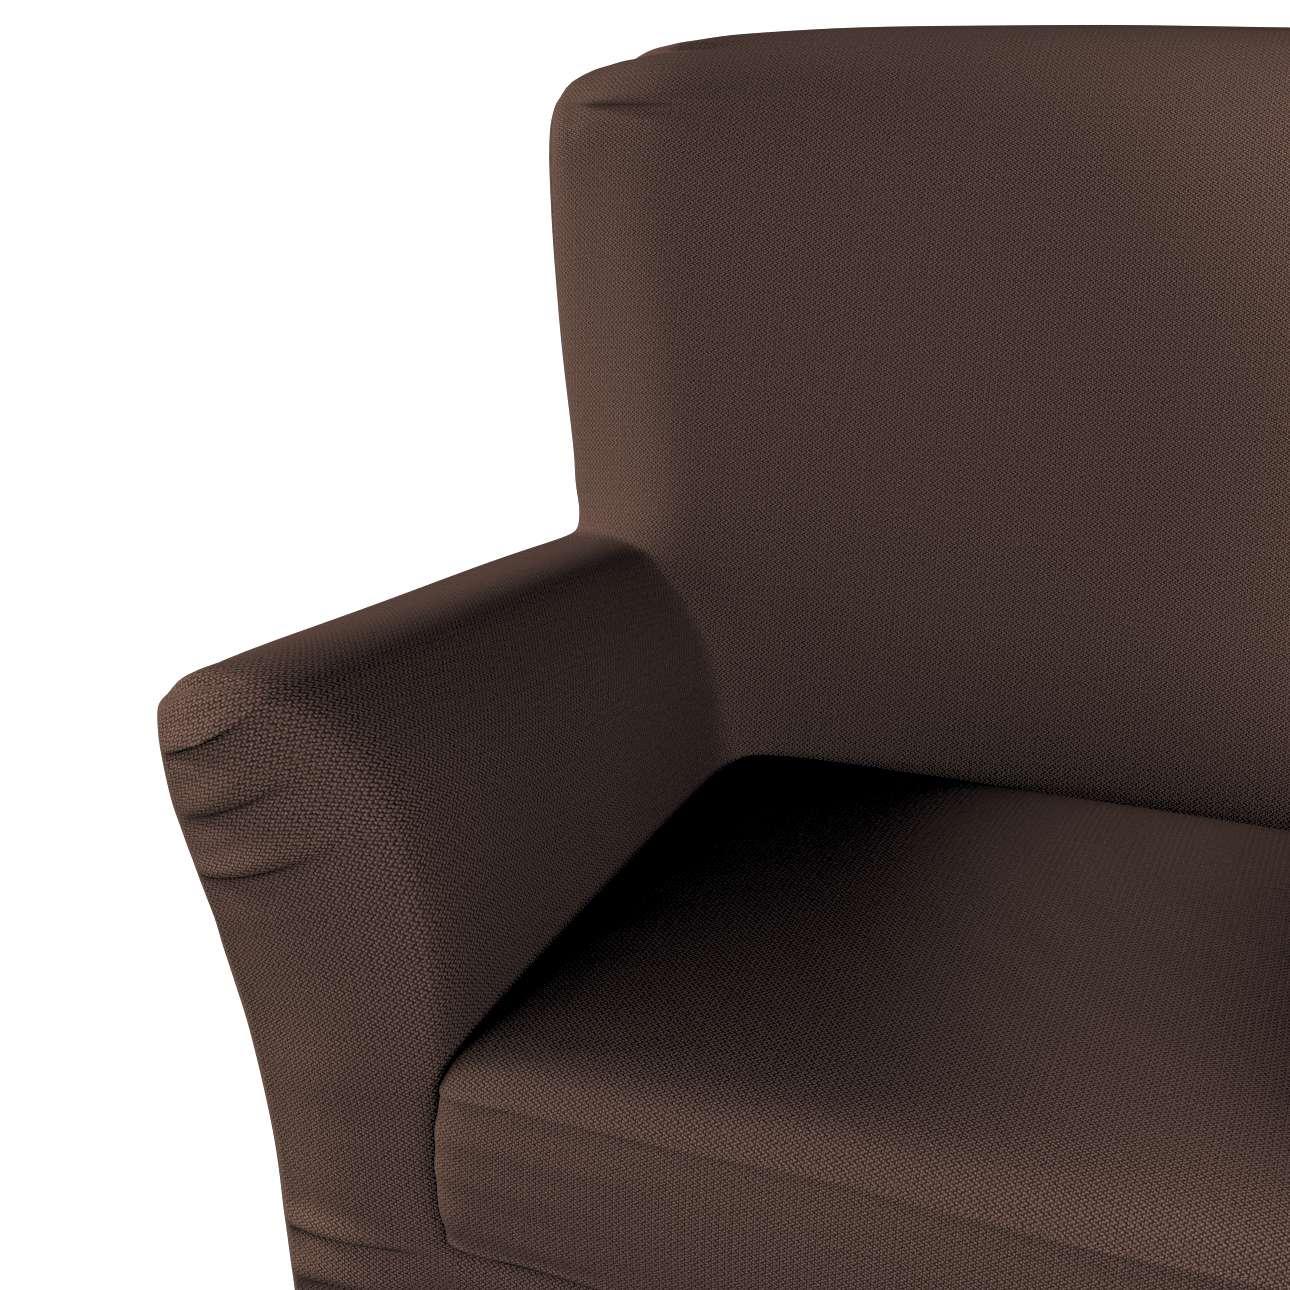 Pokrowiec na fotel Tomelilla z zakładkami w kolekcji Bergen, tkanina: 161-73